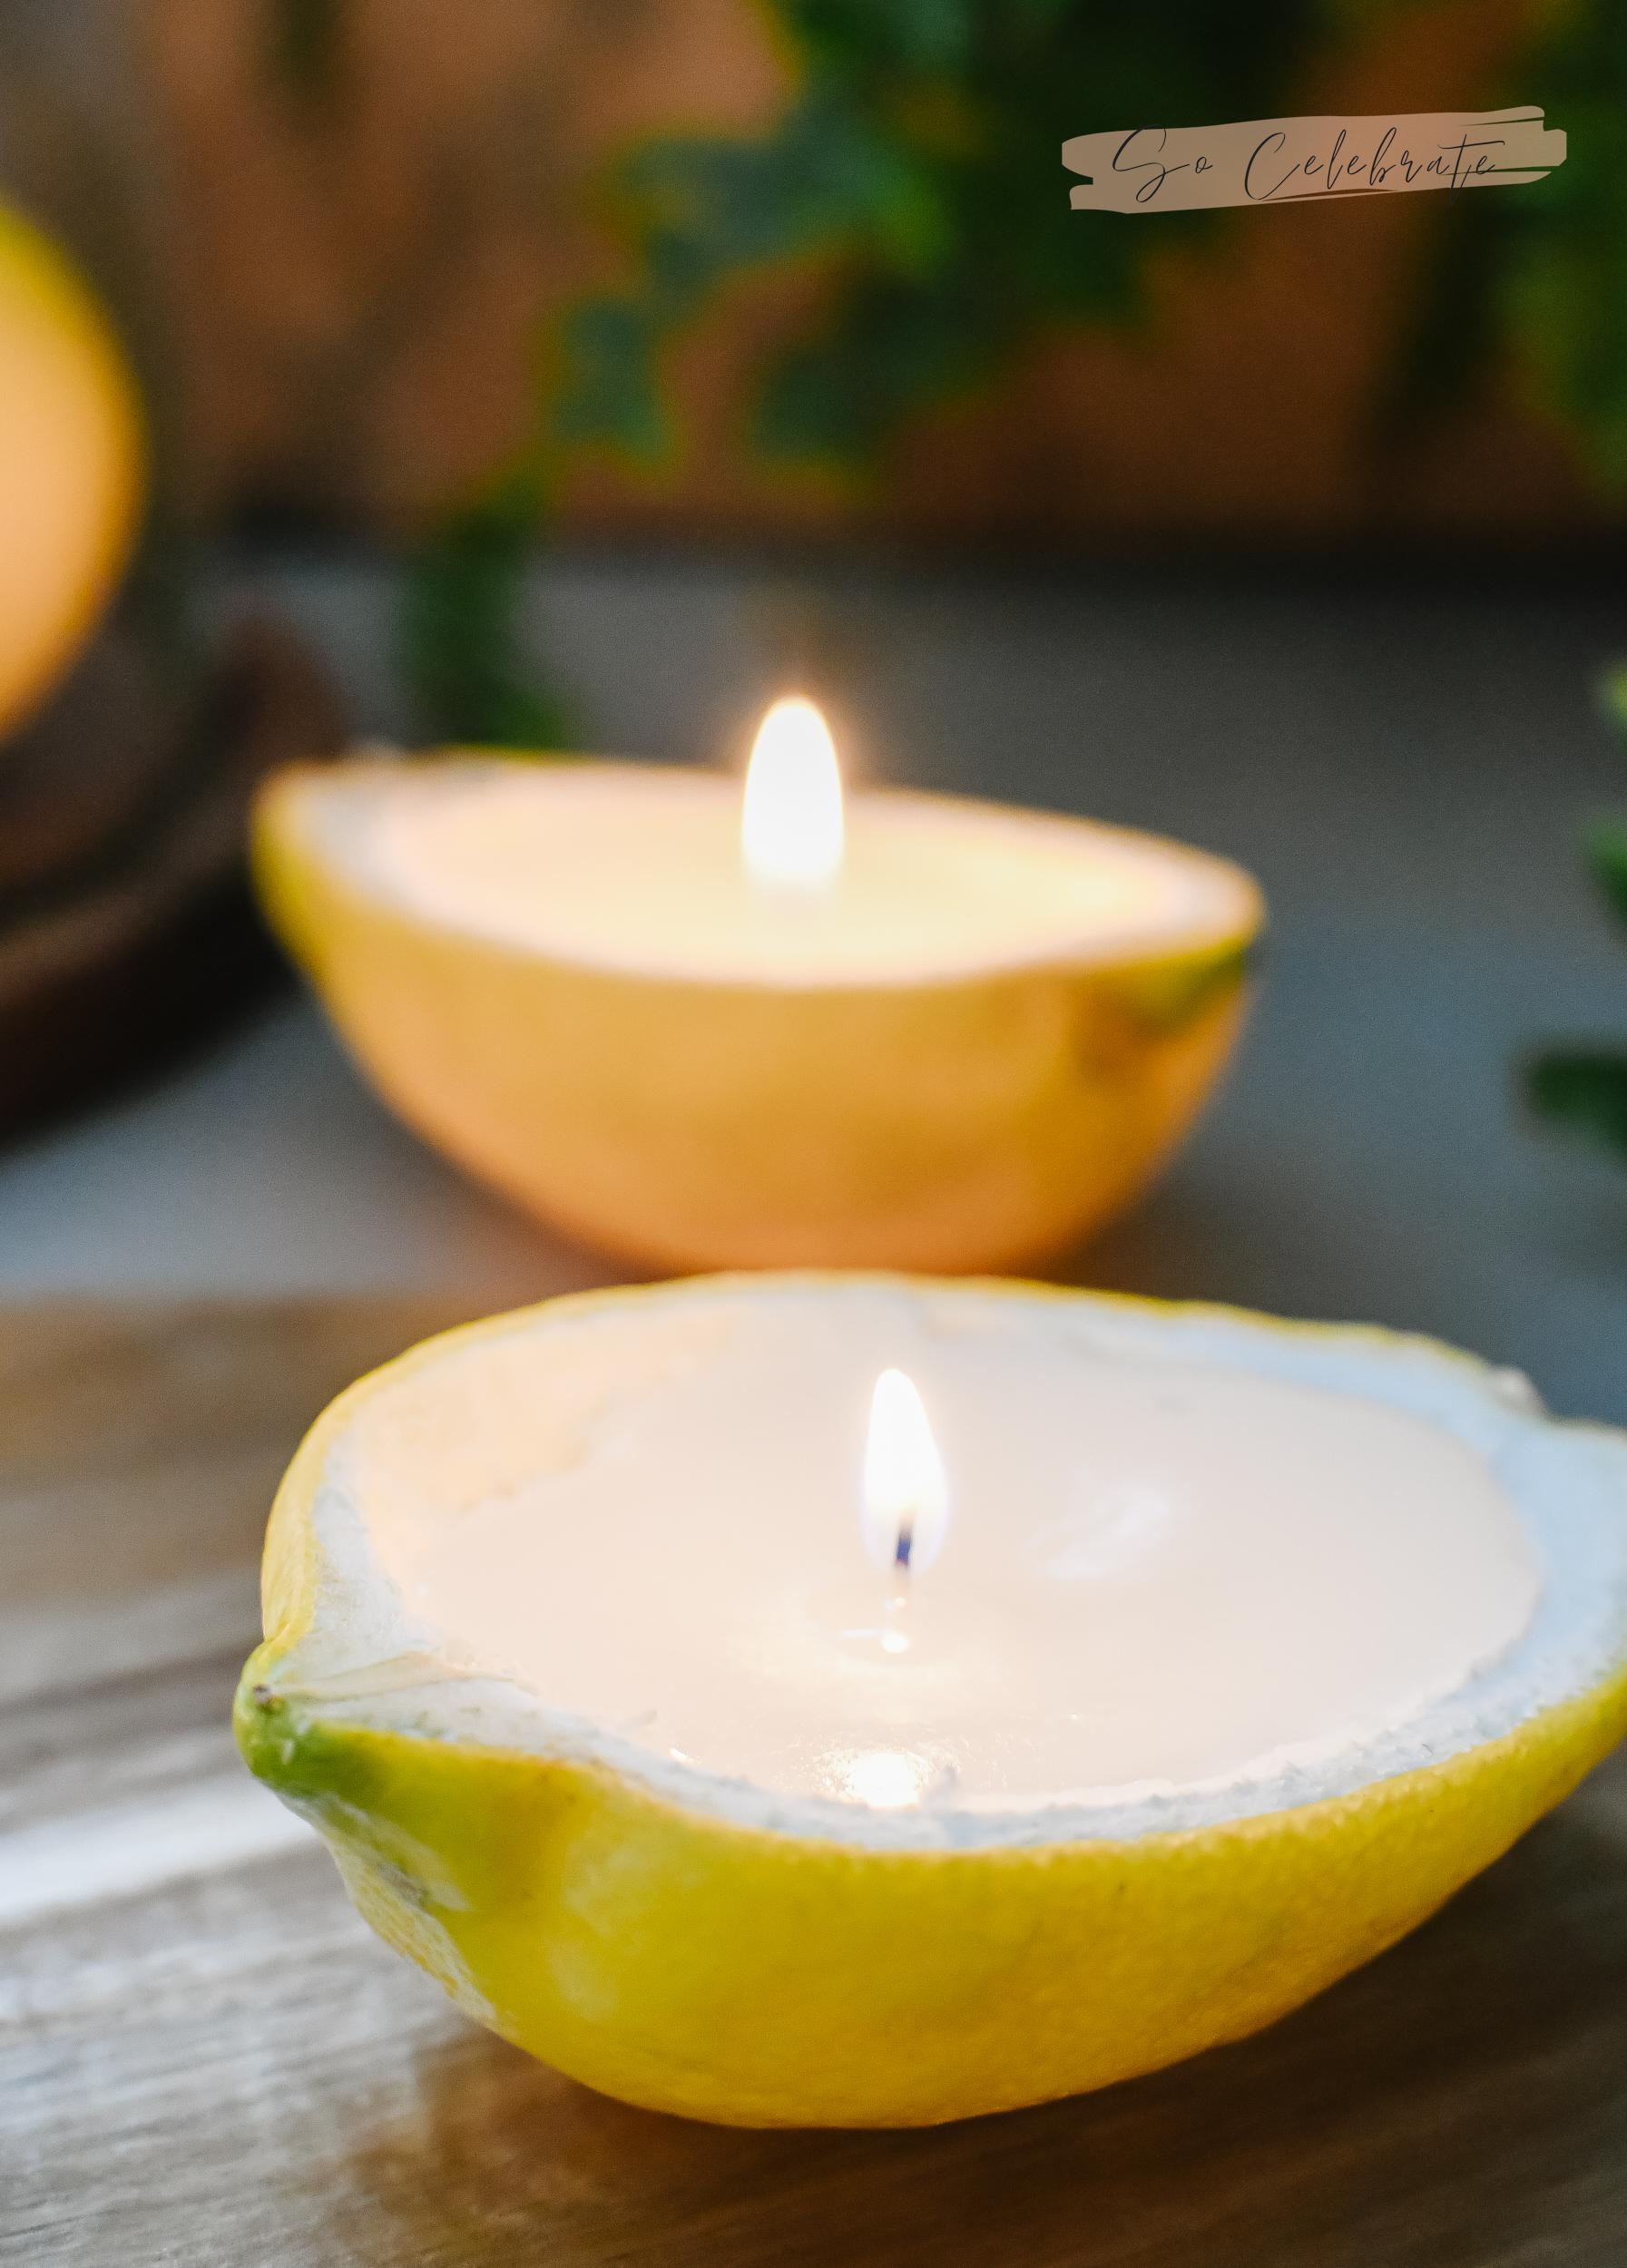 citroenkaarsjes maken van echte citroenen en waxinelichtjes